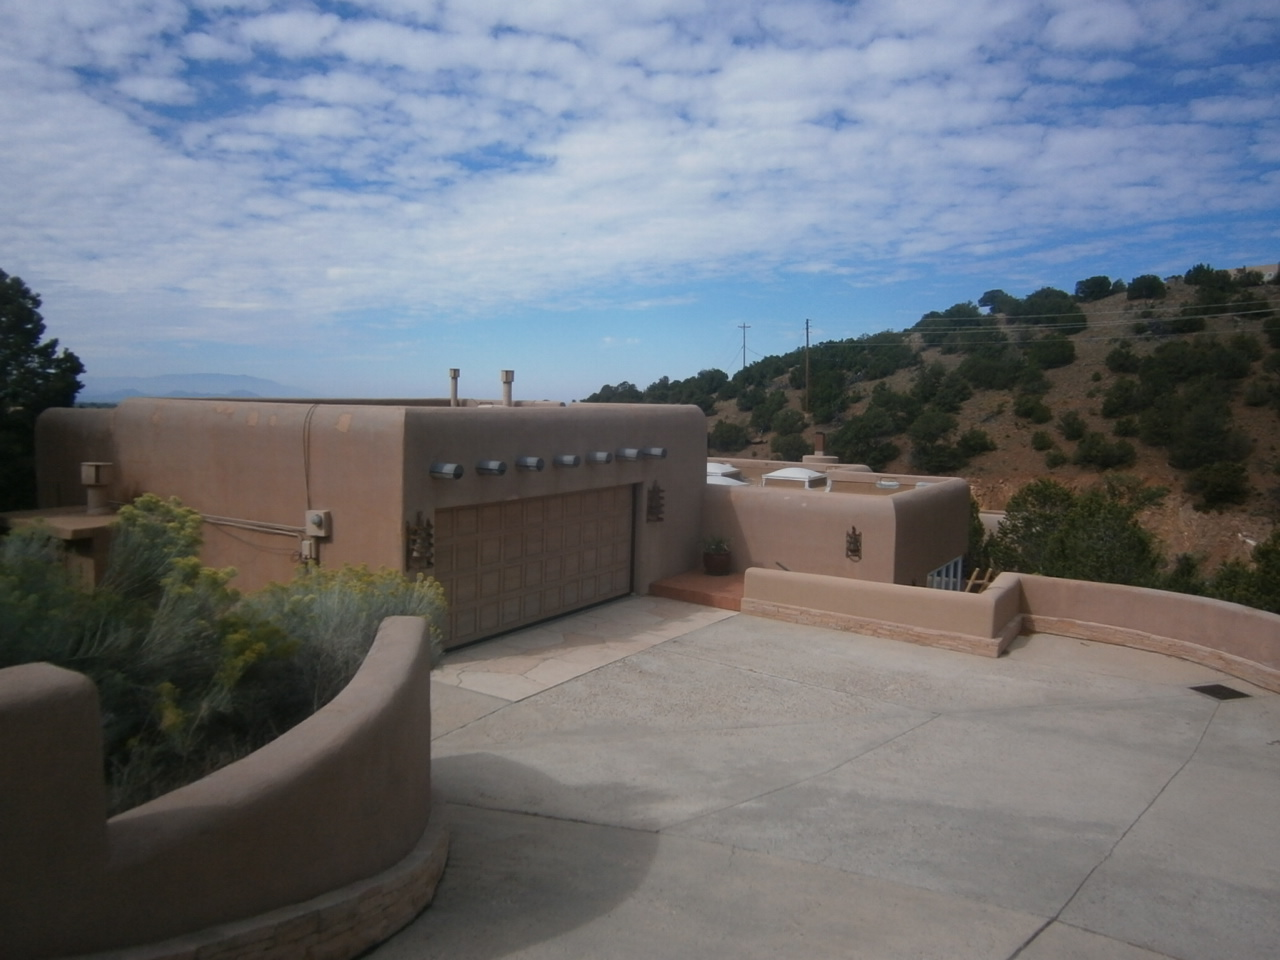 Santa Fe NM